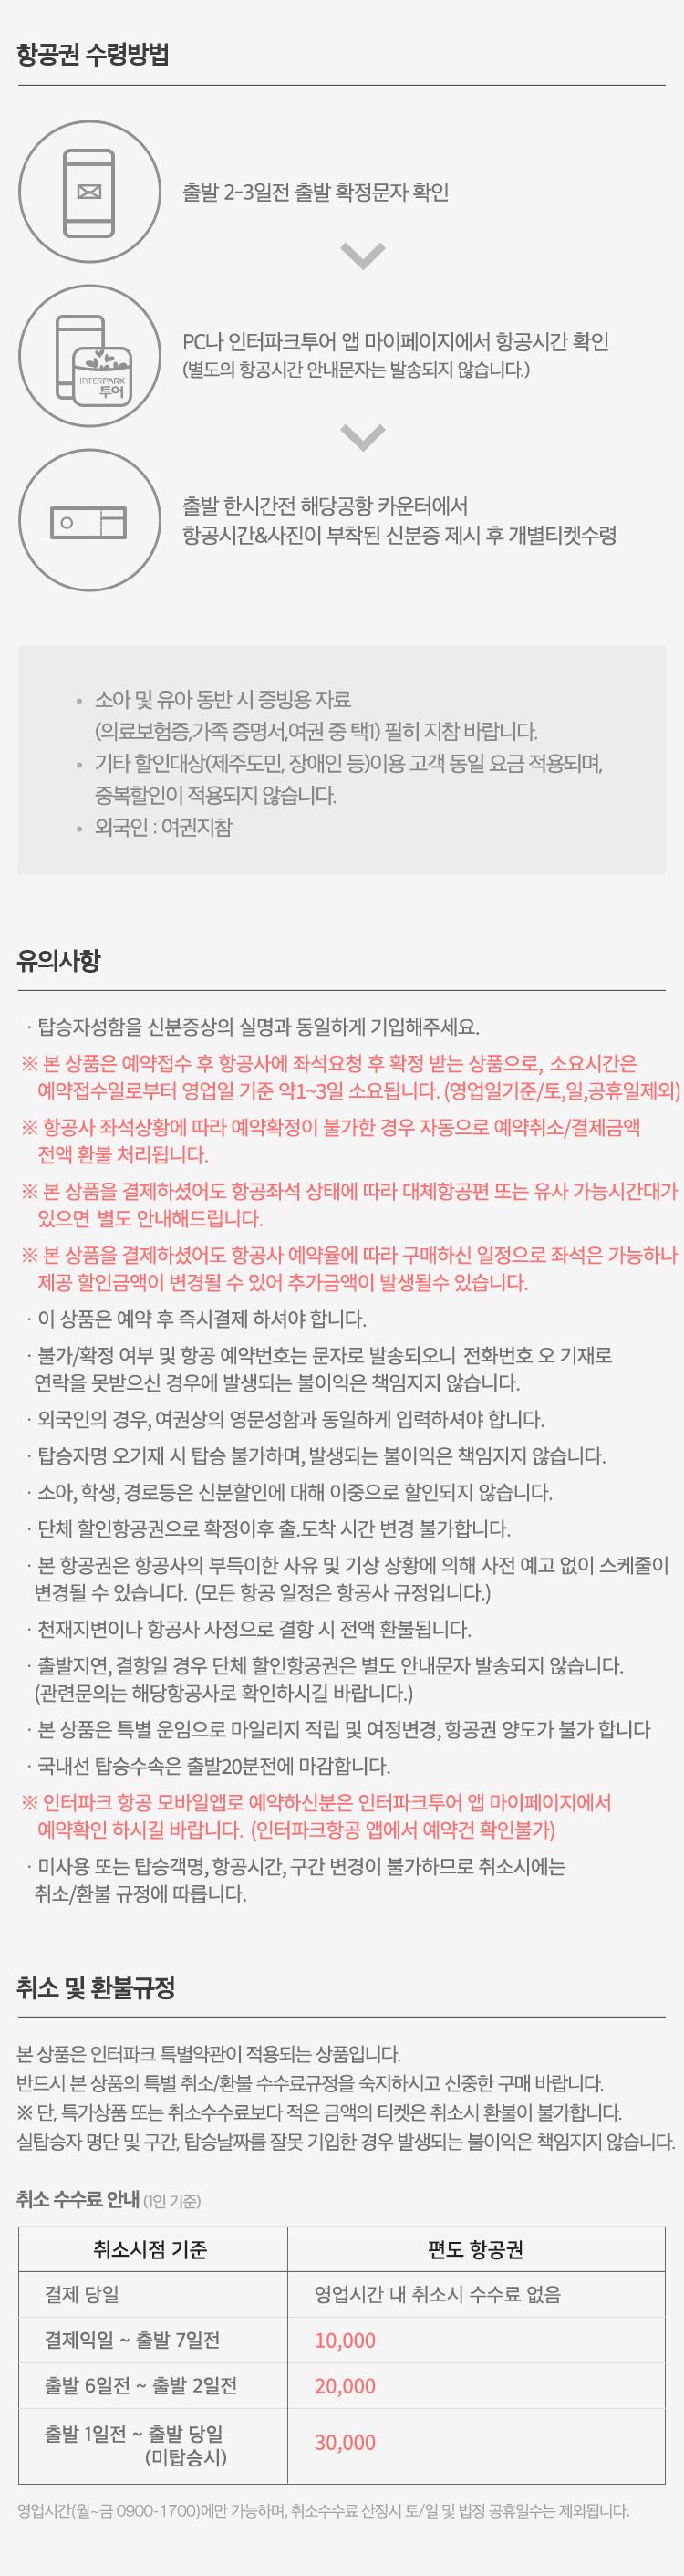 항공권 유의사항 및 취소규정